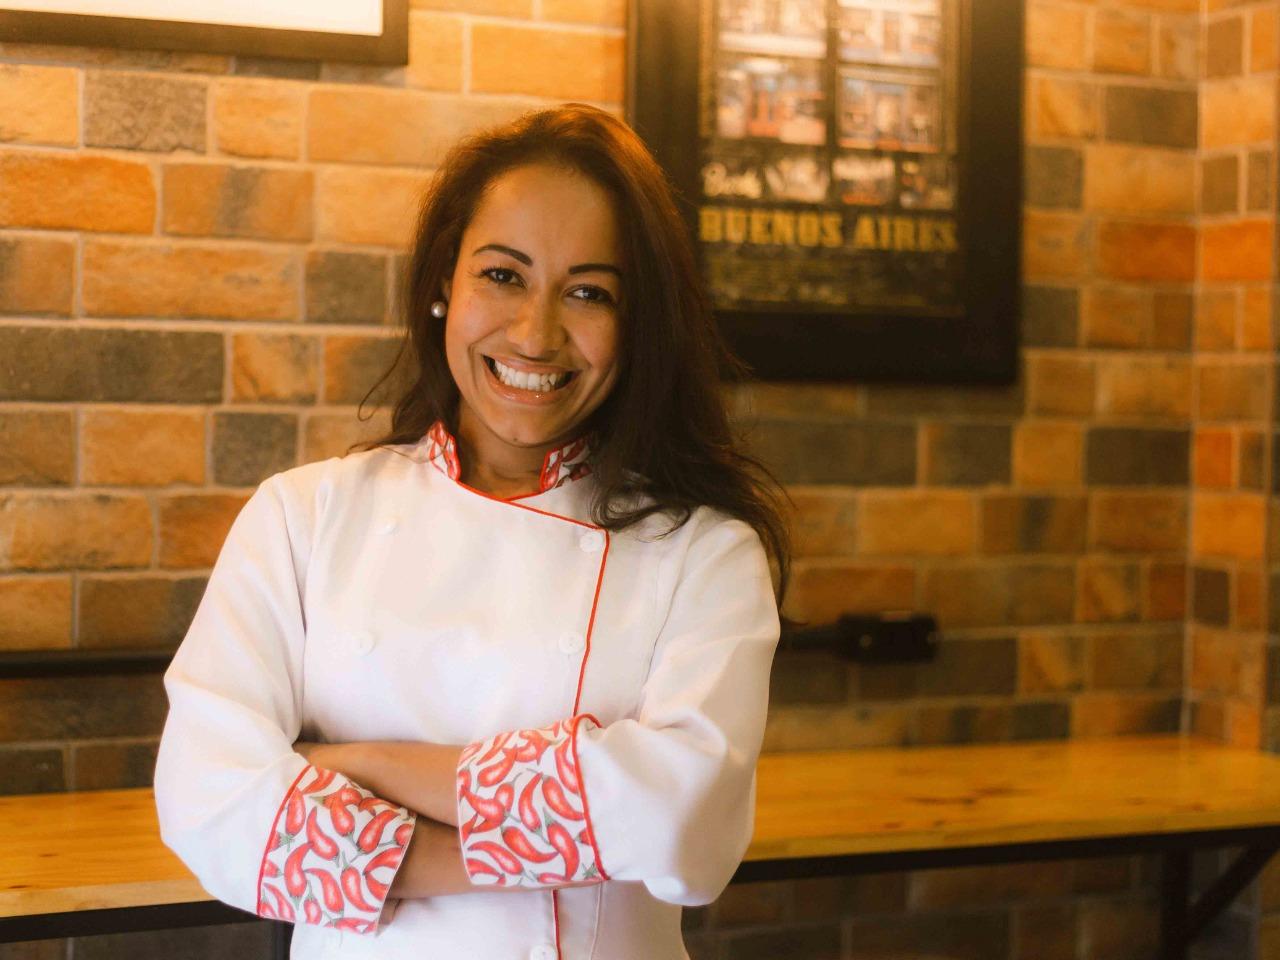 Amor pela cozinha argentina: conheça a história de Yara, a chef da Tango Empanadas